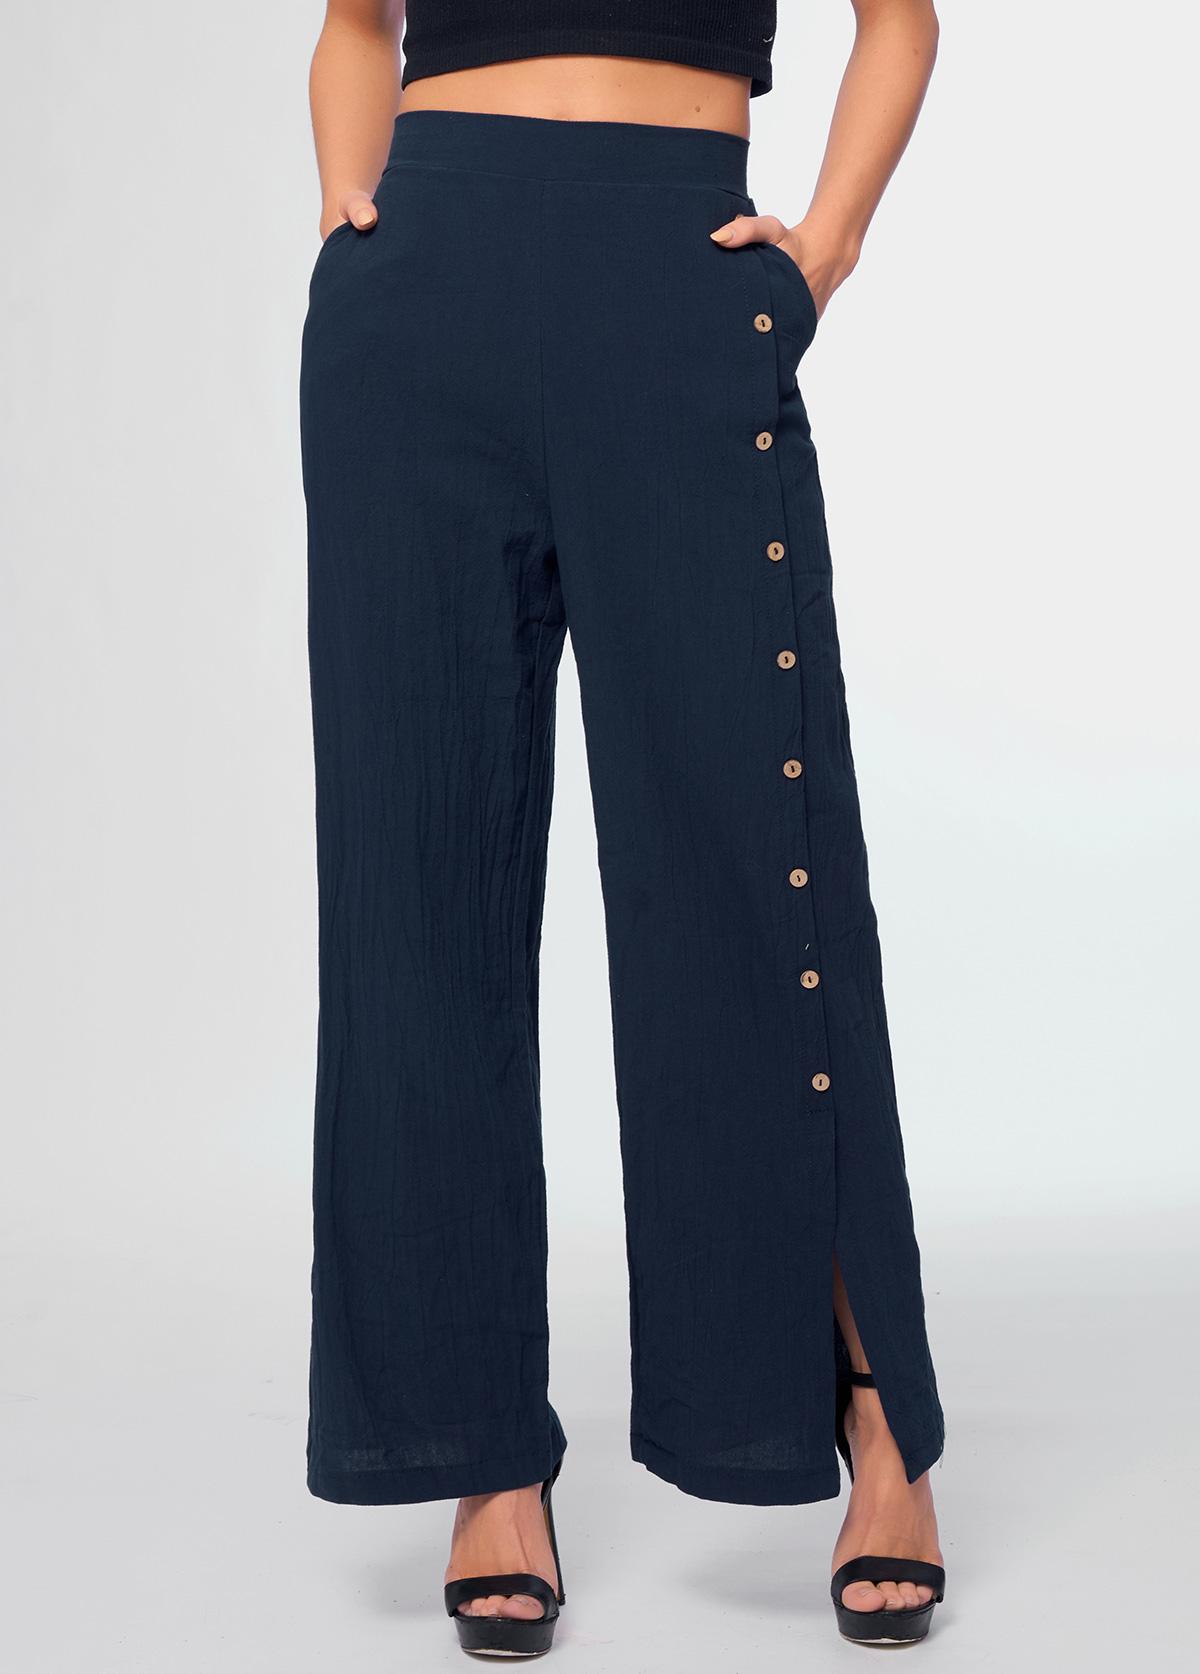 Button Detail High Waist Pocket Pants